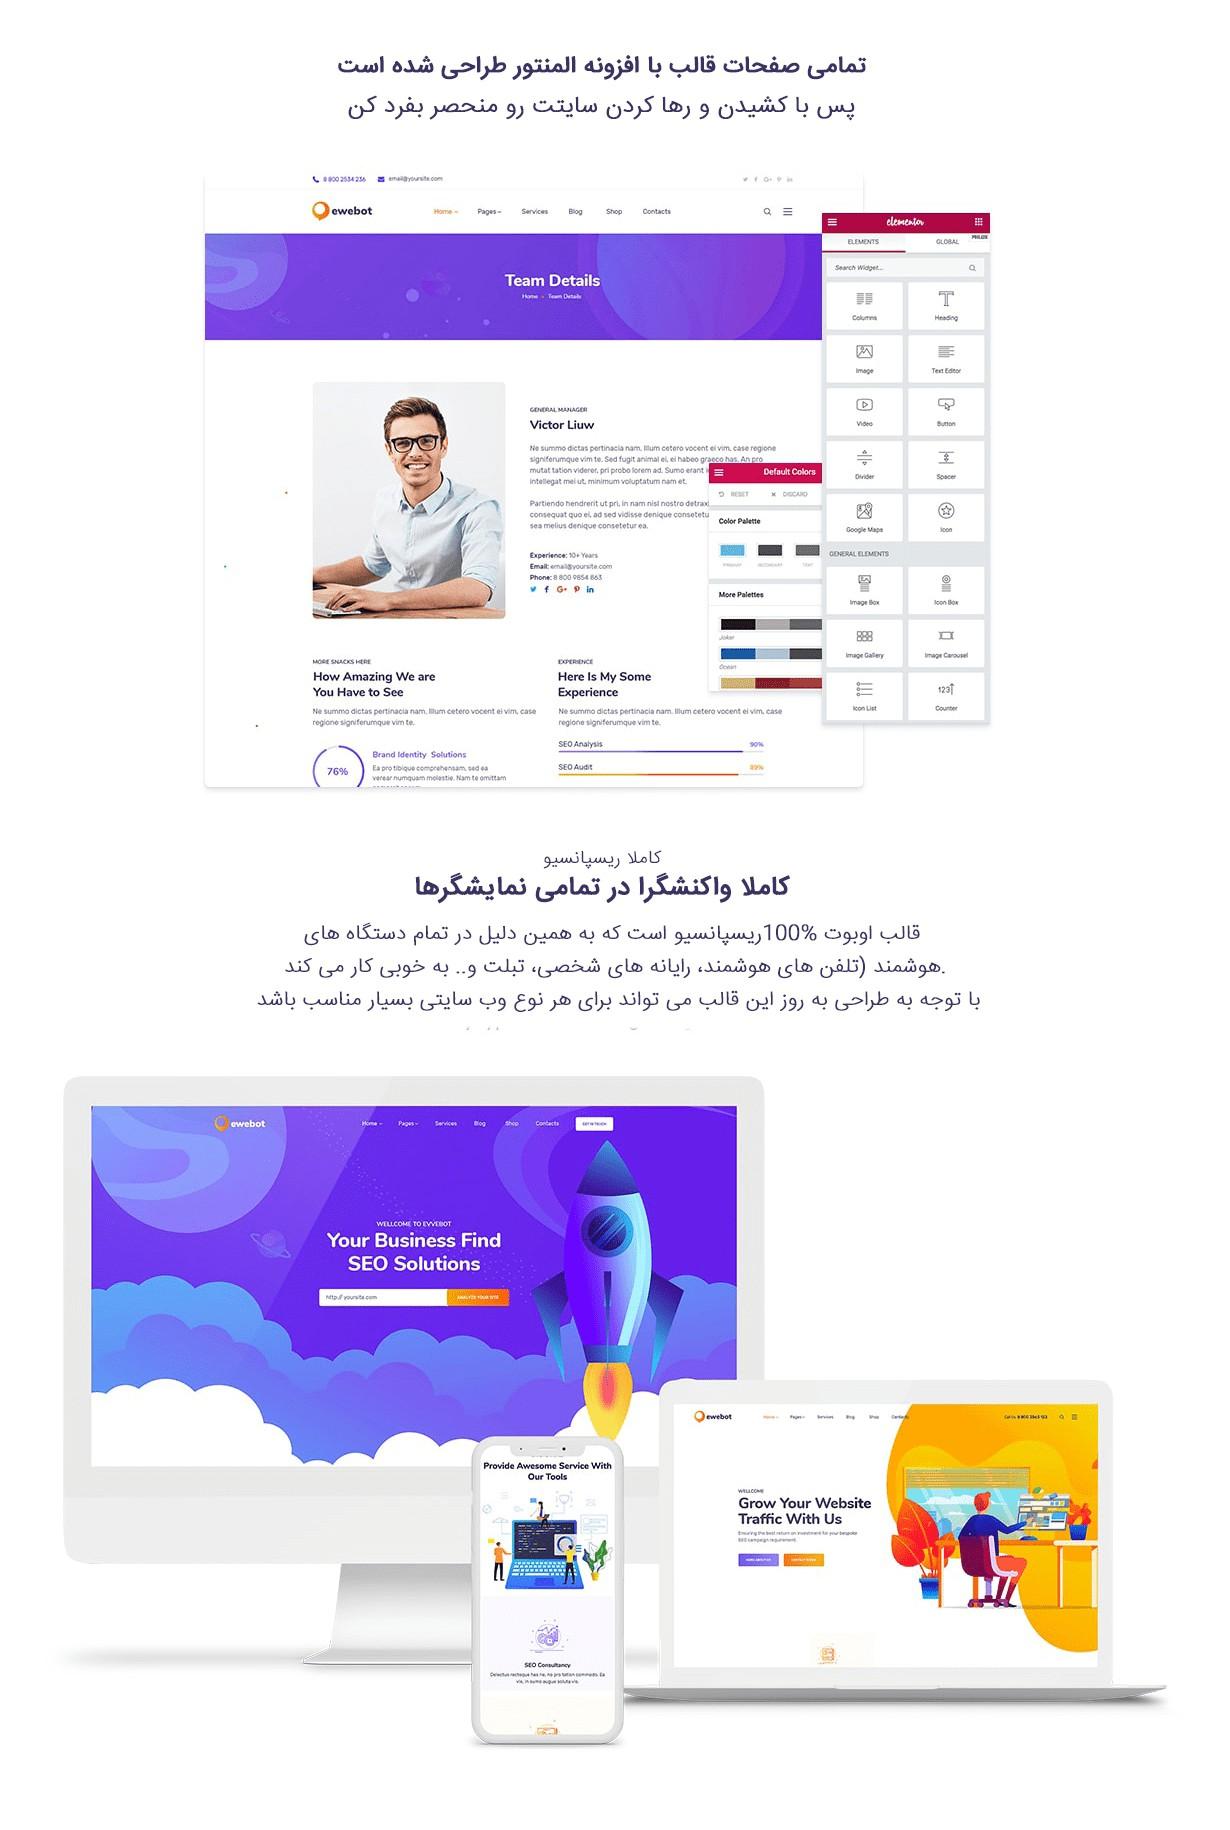 کاملترین و اورجینالترین نسخه فارسی قالب Ewebot